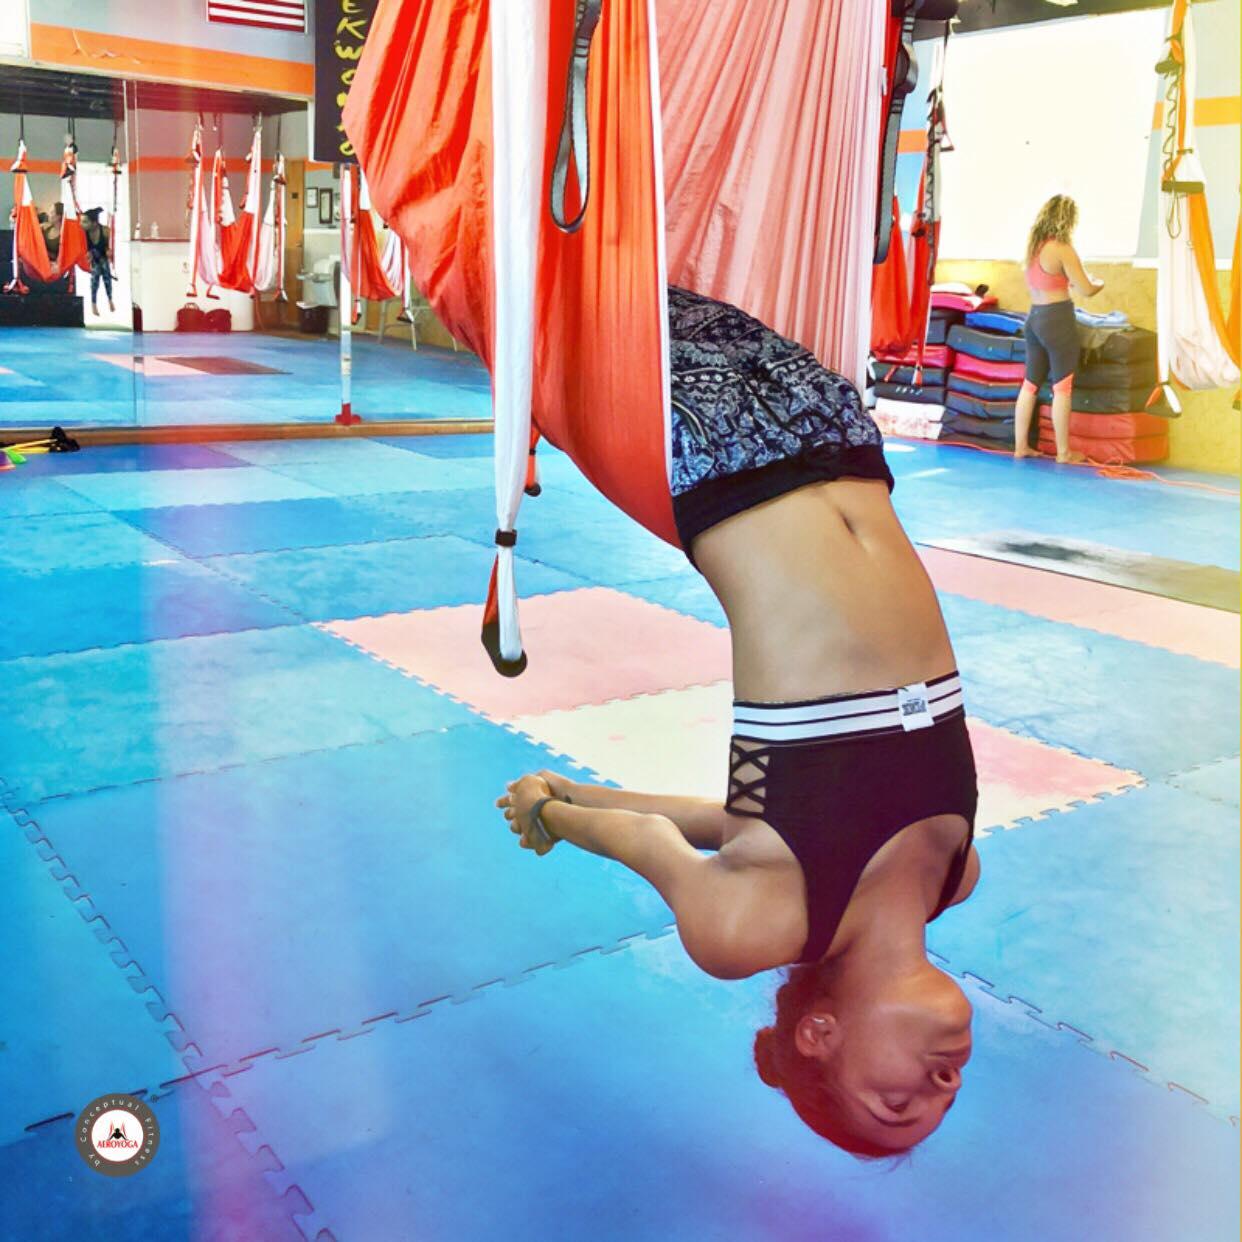 Certificación Yoga Aéreo: AeroYoga ® Acrobático, Beneficios Salud y Bienestar